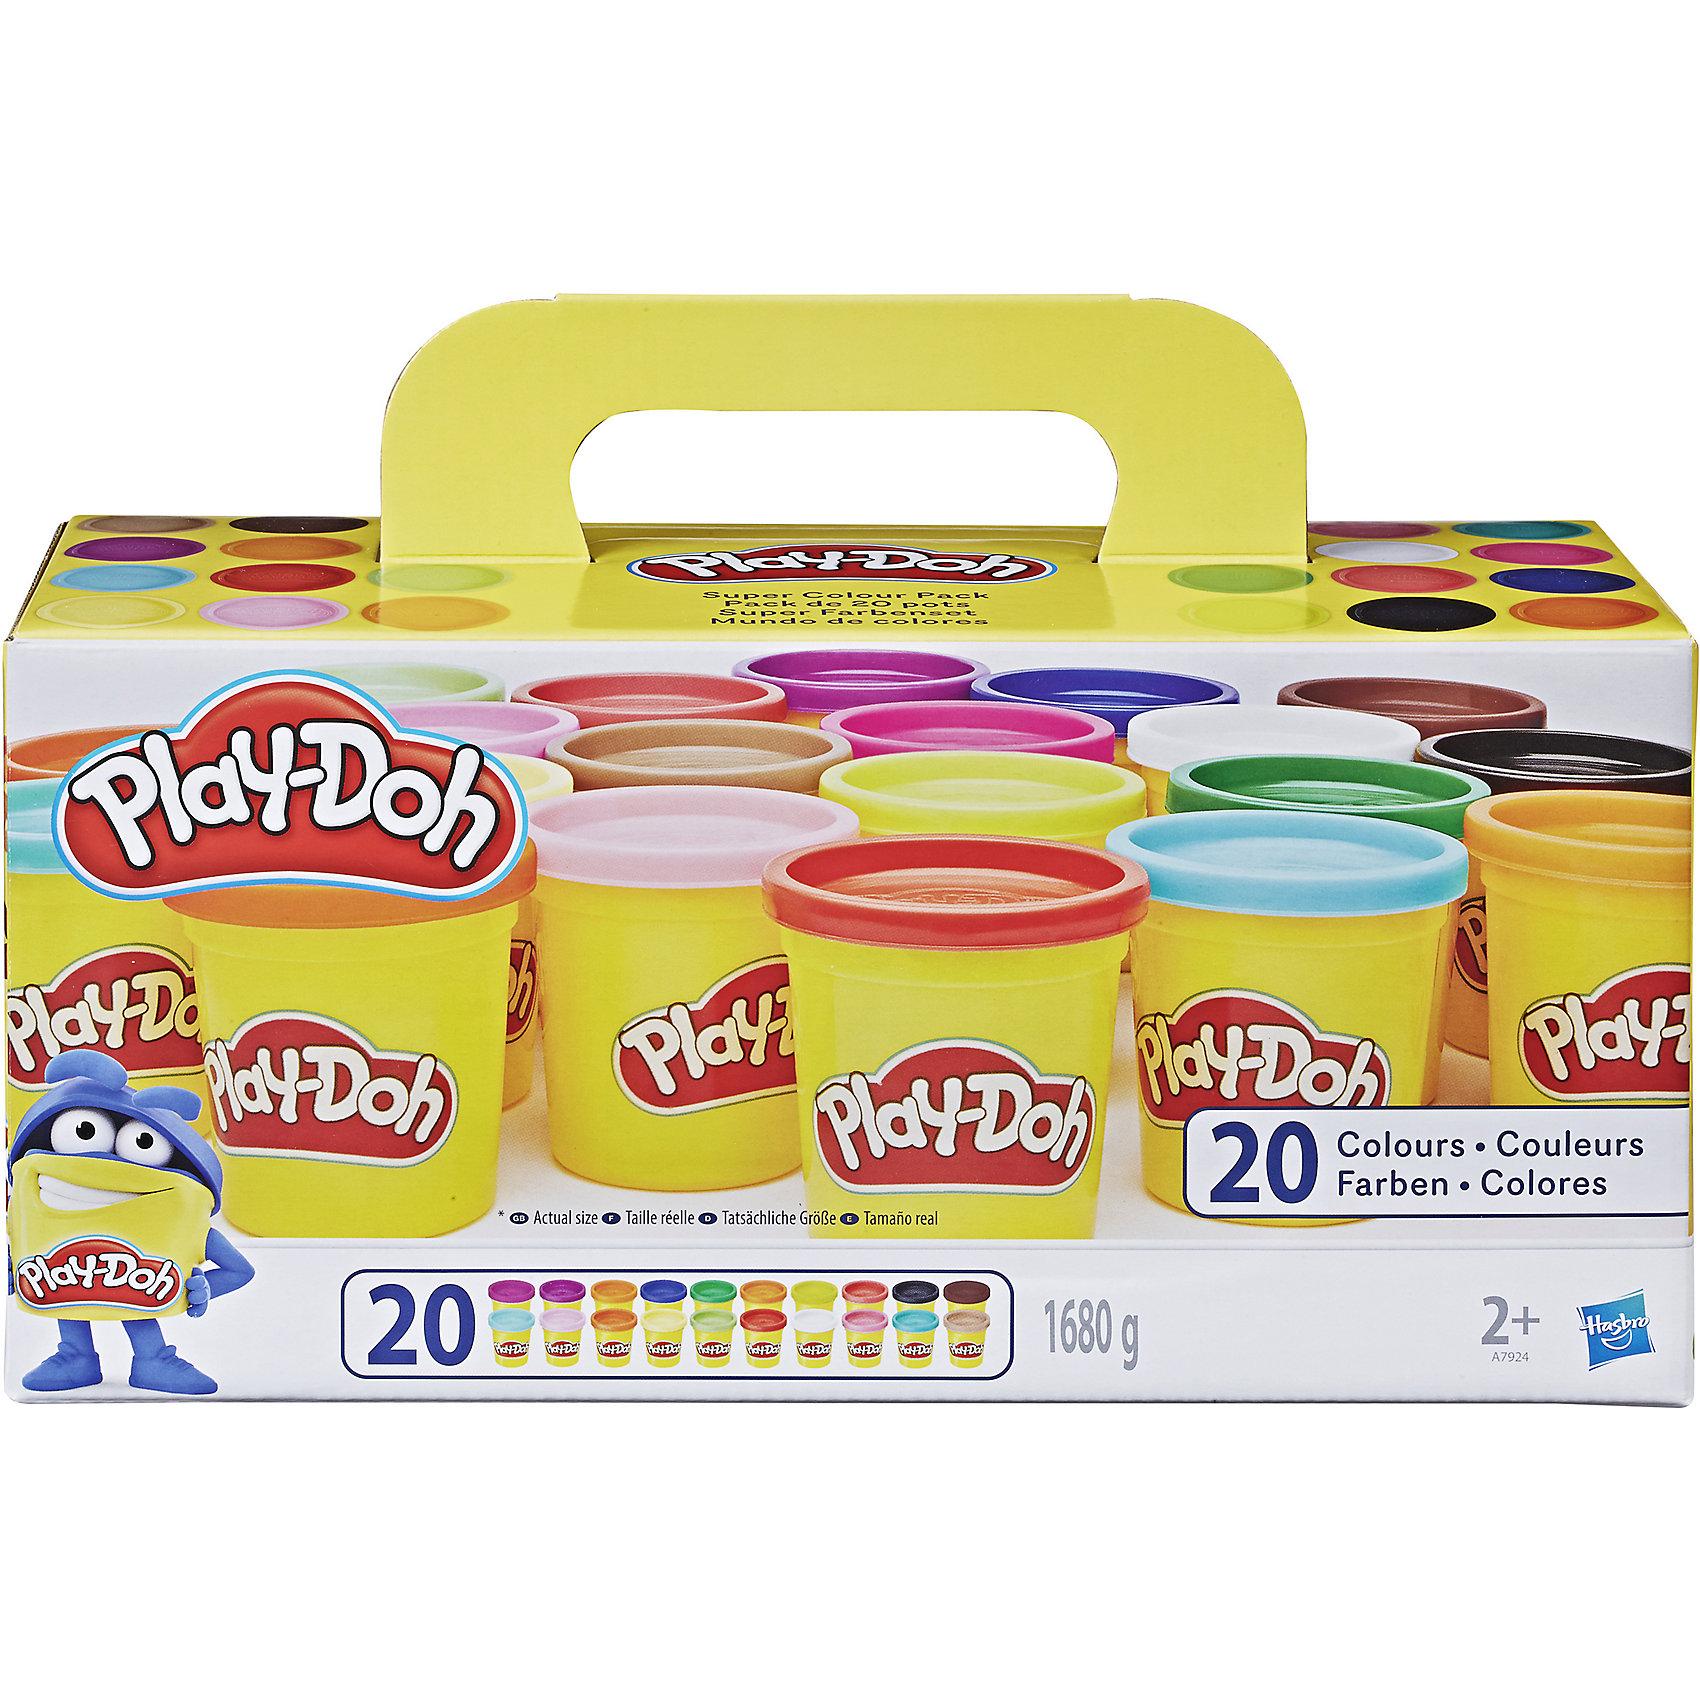 Hasbro Набор пластилина из 20 баночек, Play-Doh hasbro play doh игровой набор из 3 цветов цвета в ассортименте с 2 лет